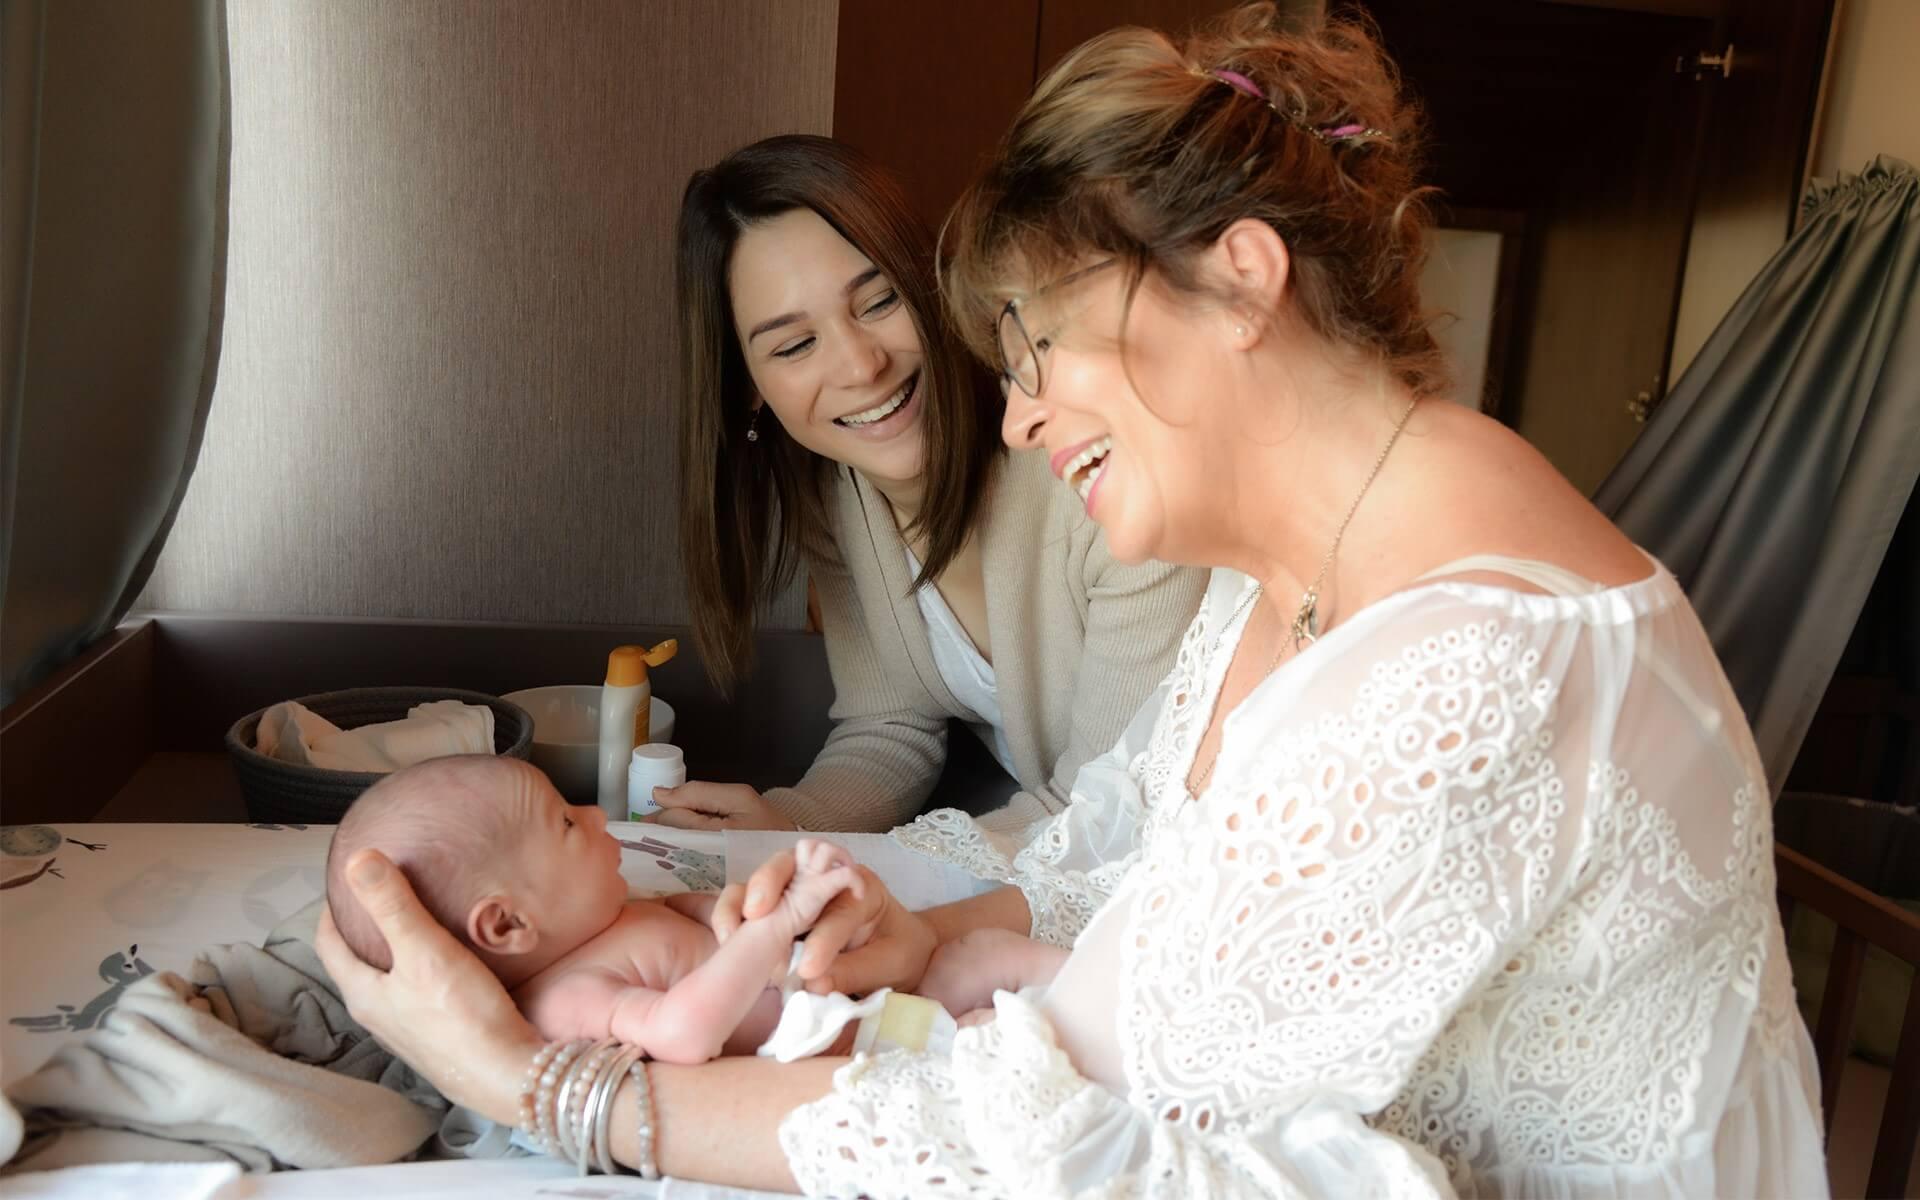 Baby, Babyschlafberatung, Danielle Bisig, schlafen, Schangerschaft, Wochenbett, Babyschlafberatung